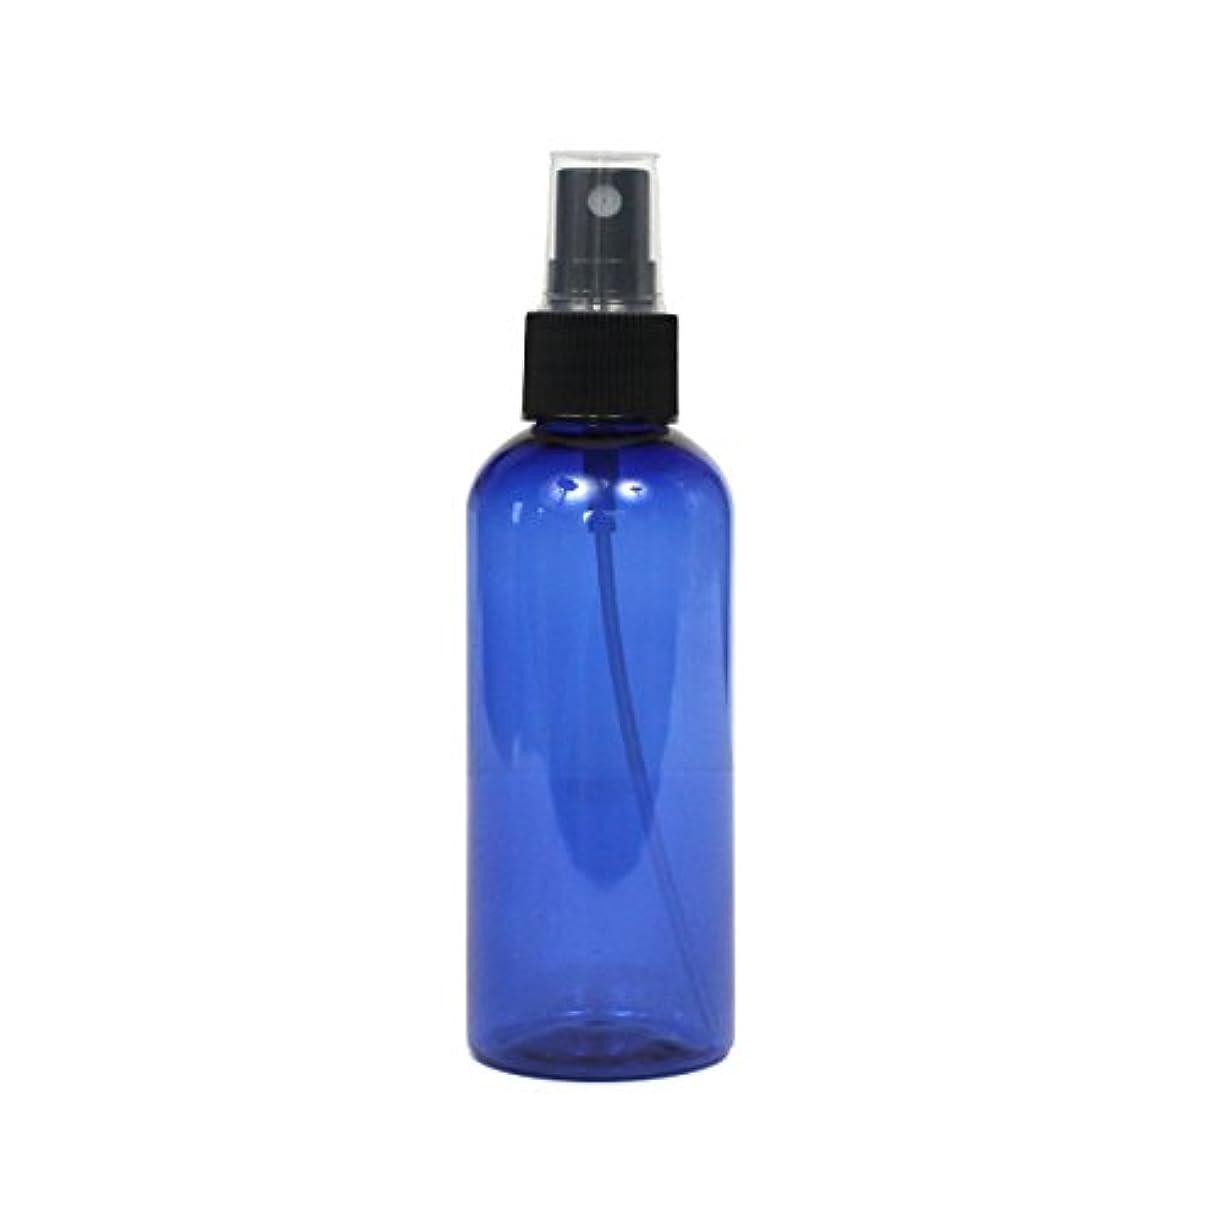 不純ペインギリックロデオスプレーボトル 100mL ブルー黒ヘッド1本遮光性青色 おしゃれ プラスチック空容器bu100bk1